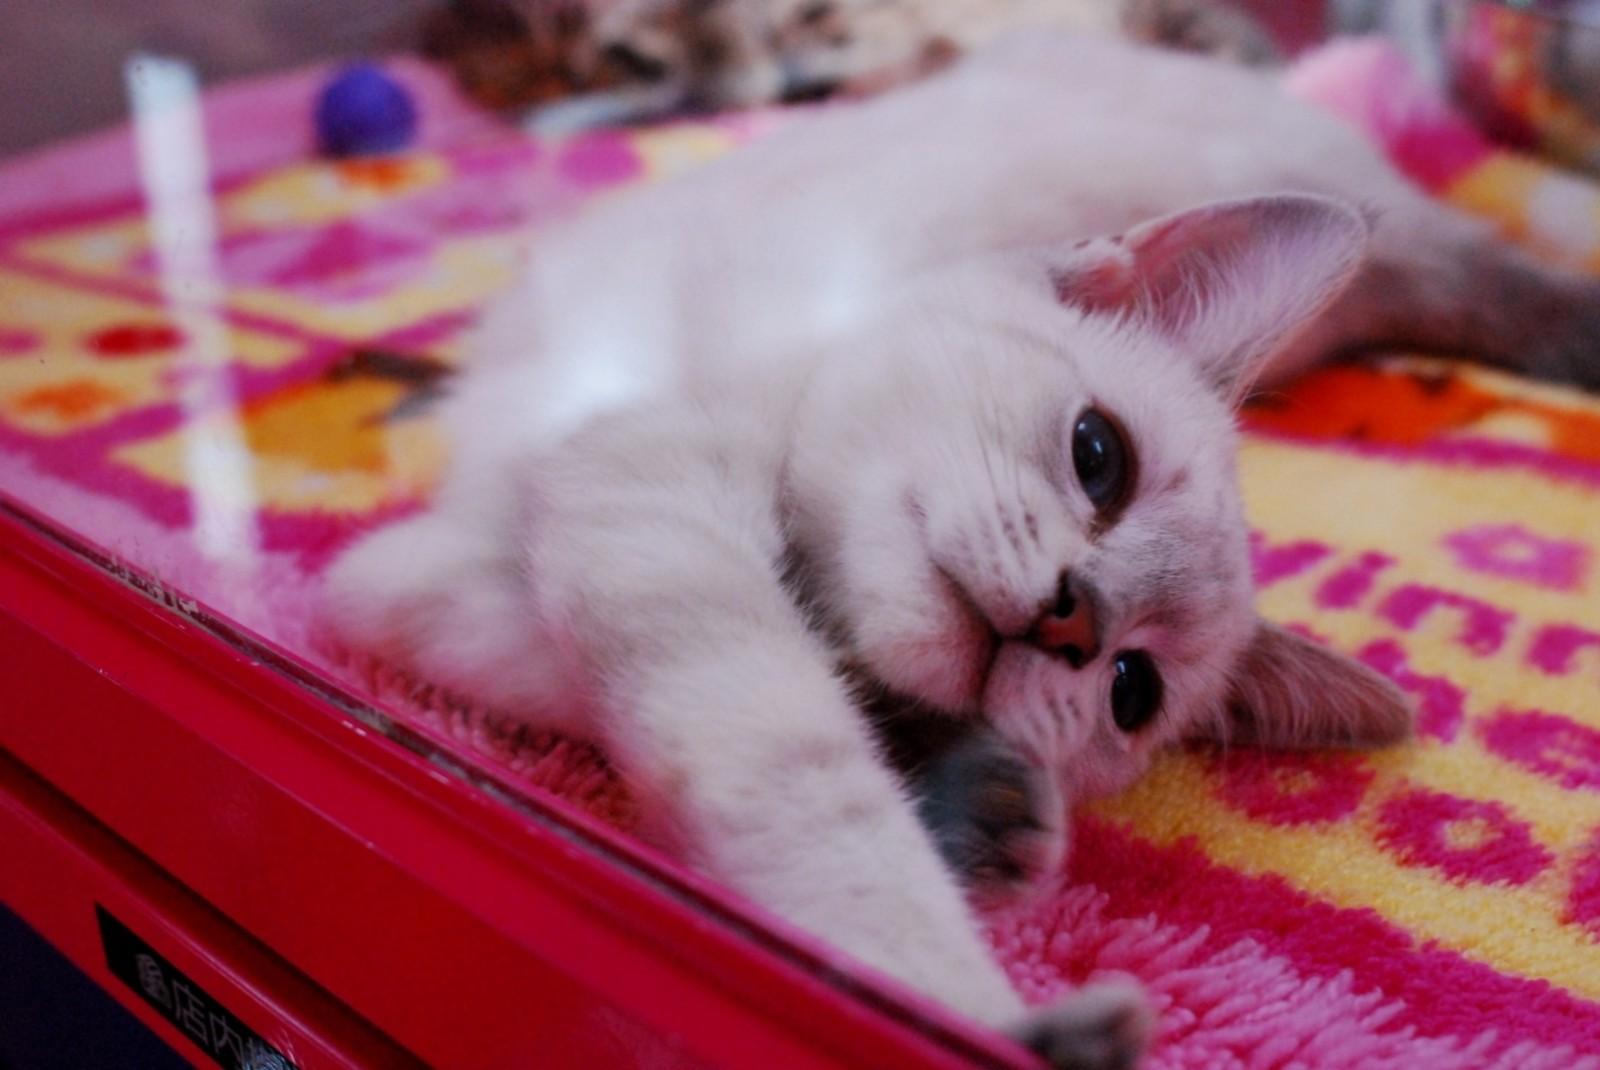 札幌市の英断「犬猫は生後8週間親と飼育」 一方その他は?